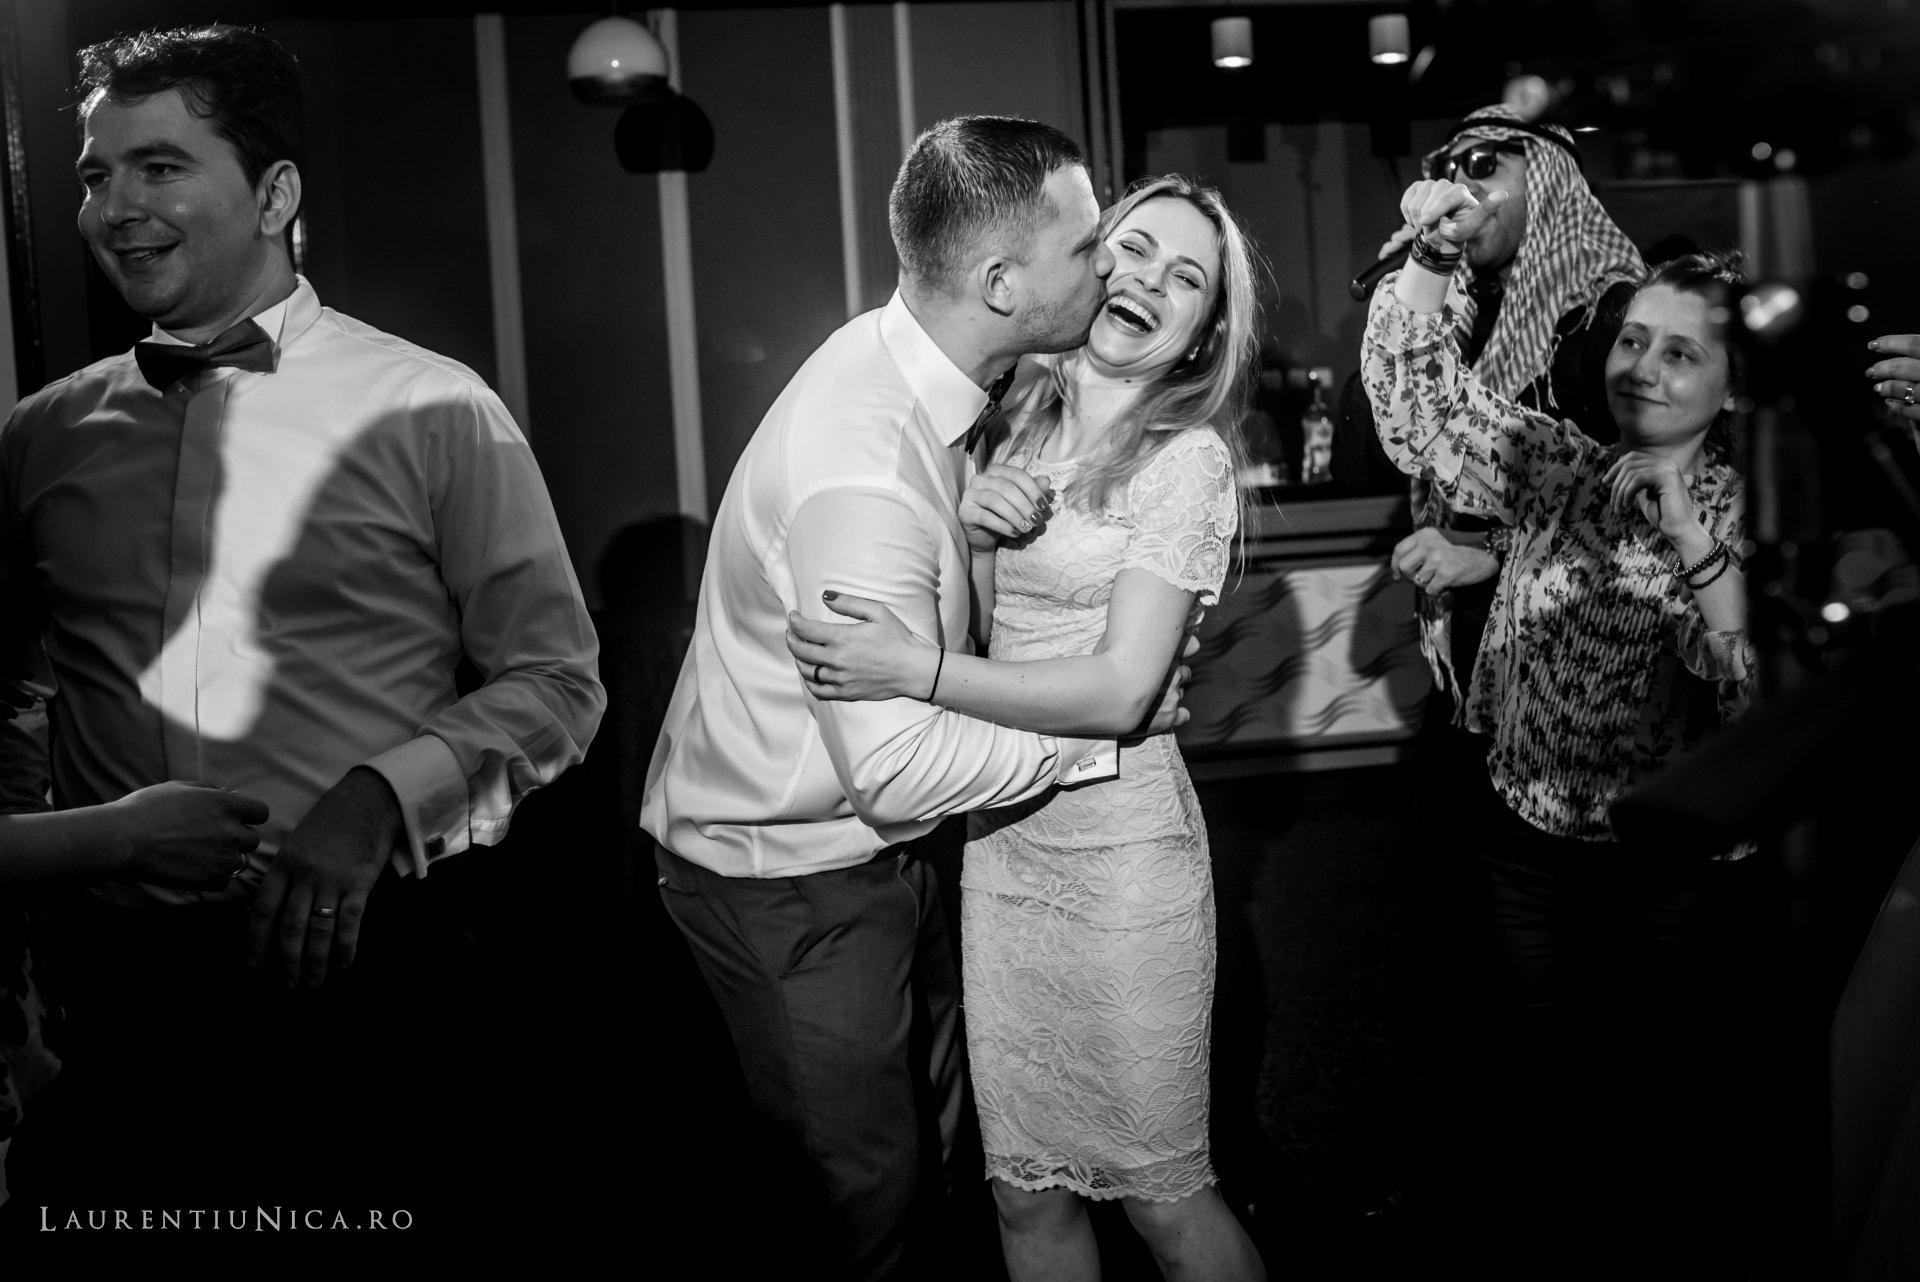 daniela si marius fotografii nunta craiova laurentiu nica70 - Daniela & Marius | Fotografii nunta